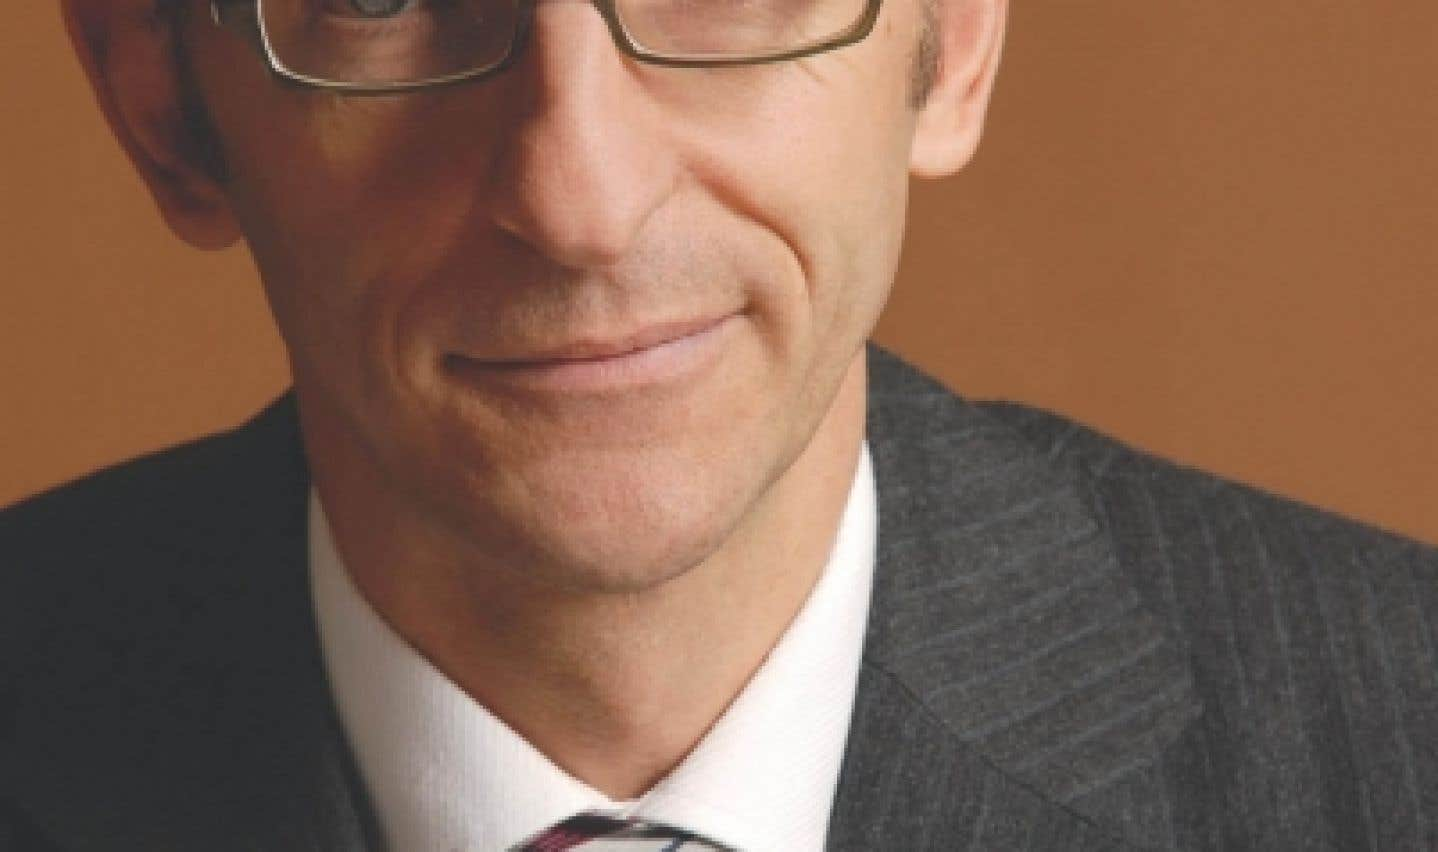 Mario Tremblay, vice-président affaires publiques et corporatives du Fonds de solidarité FTQ